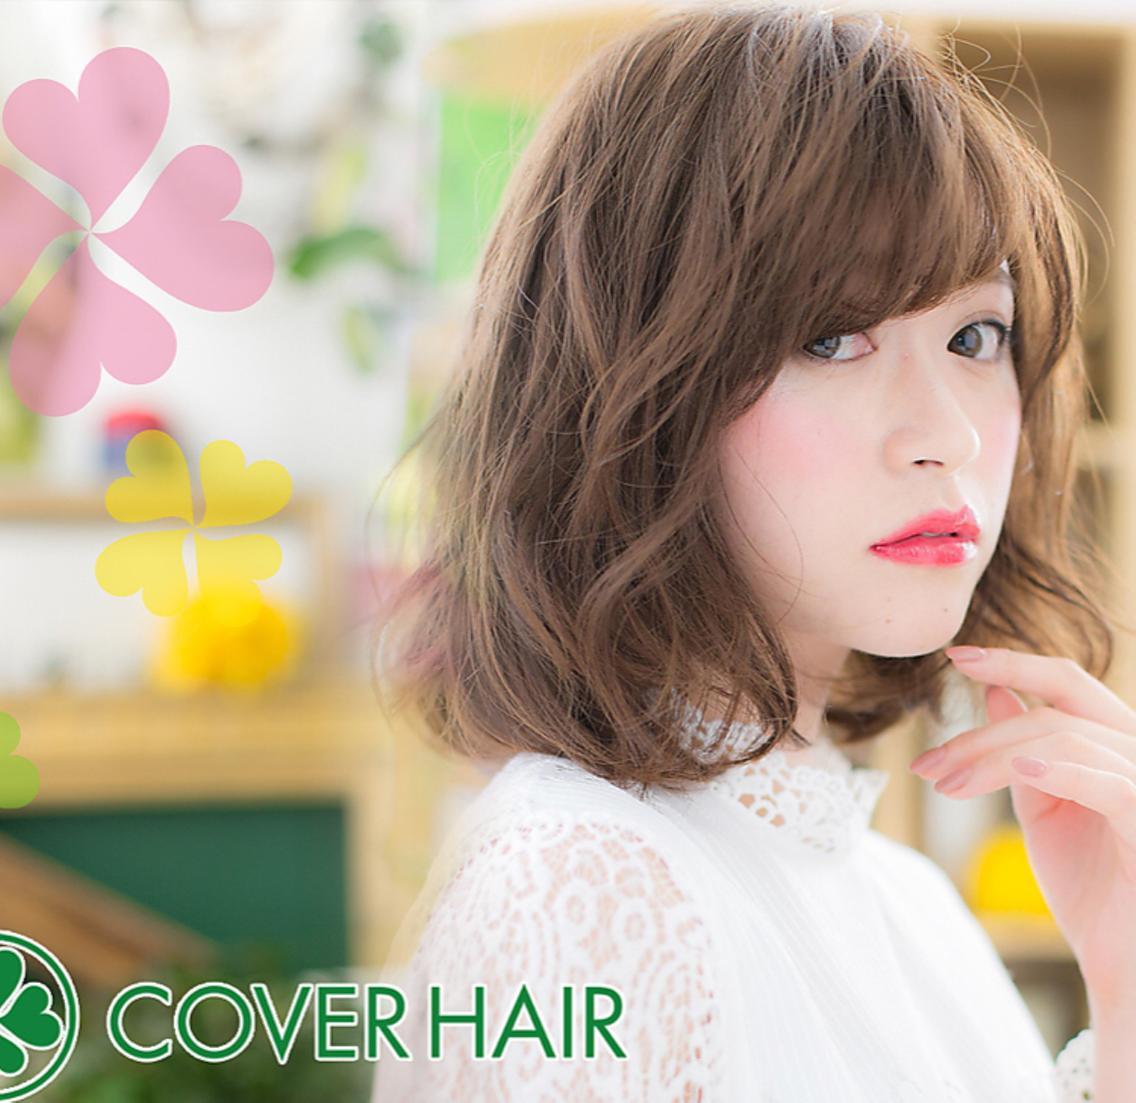 COVERHAIR bliss川口東口そごう店所属・岩渕麻由の掲載